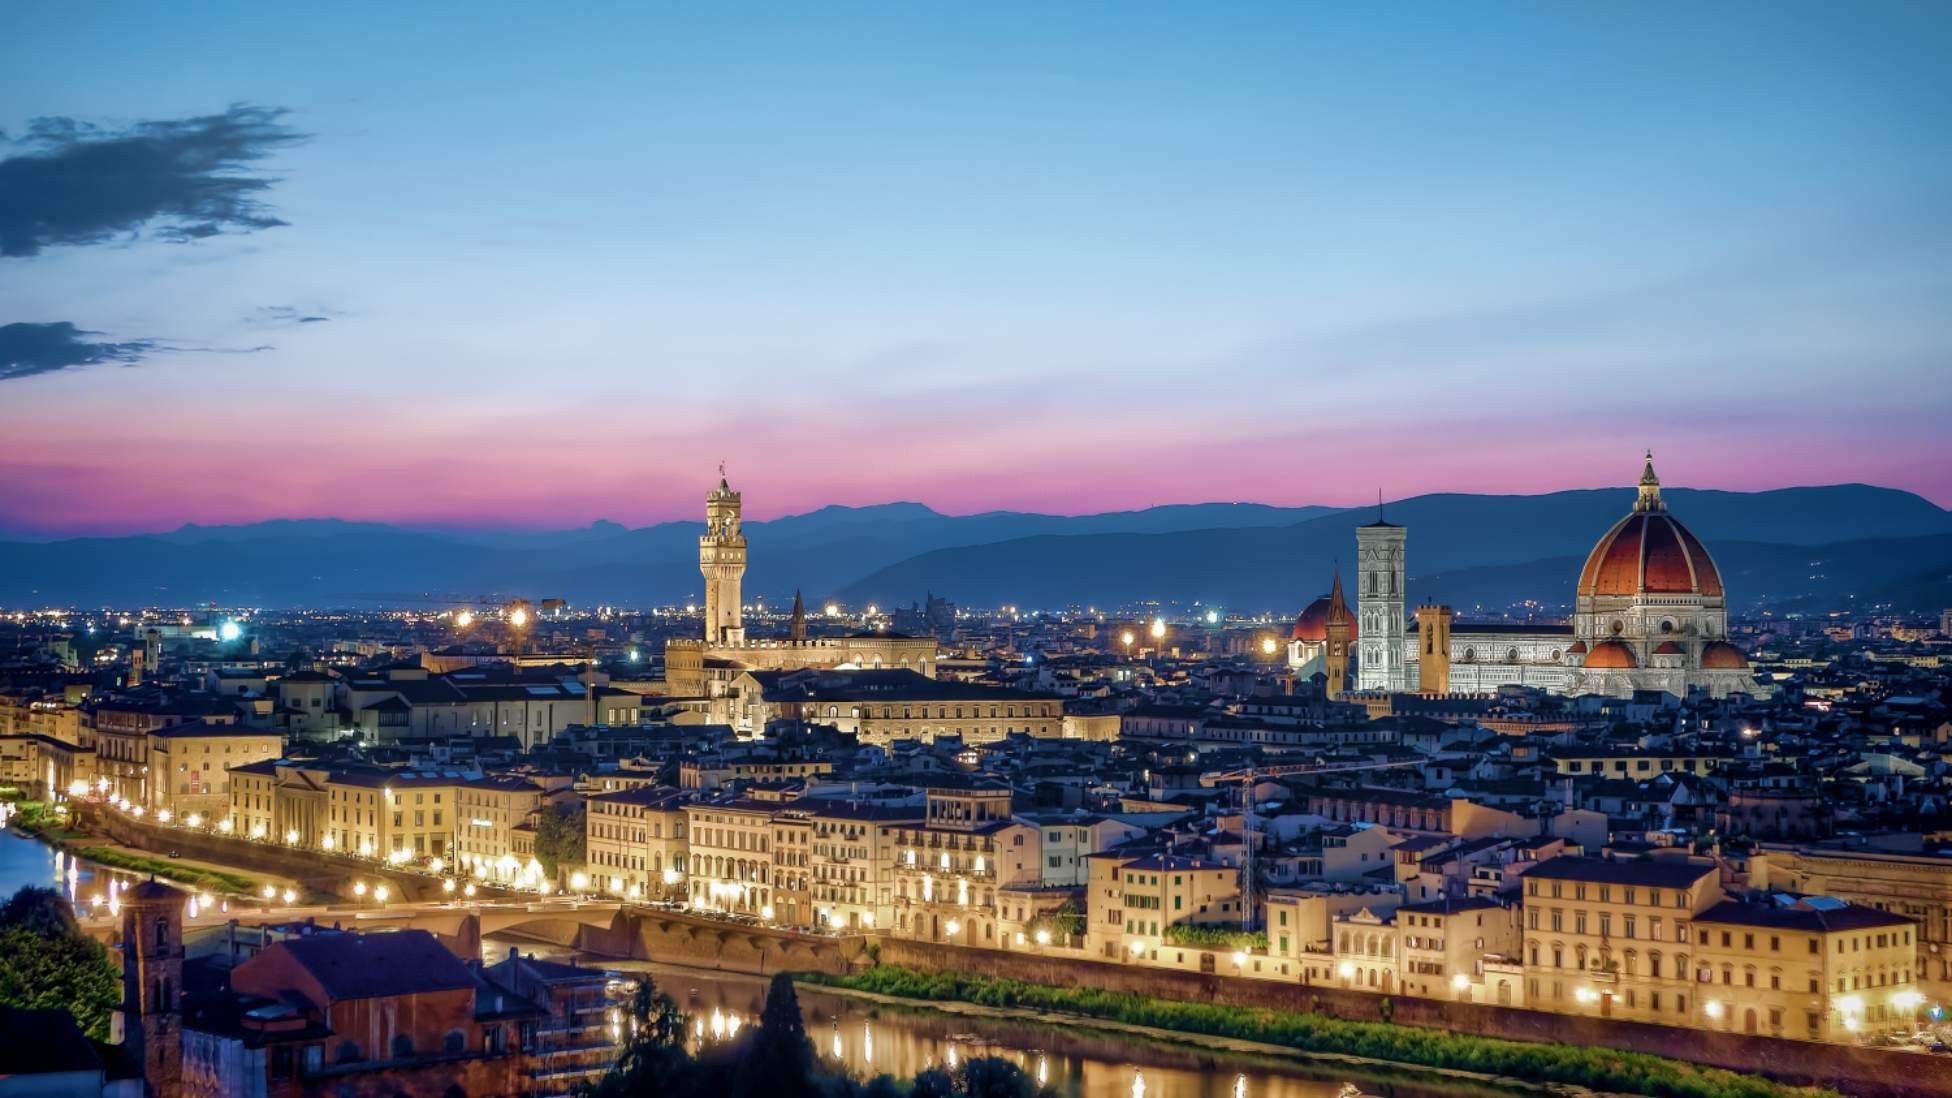 que visitar en Florencia en 2 dias